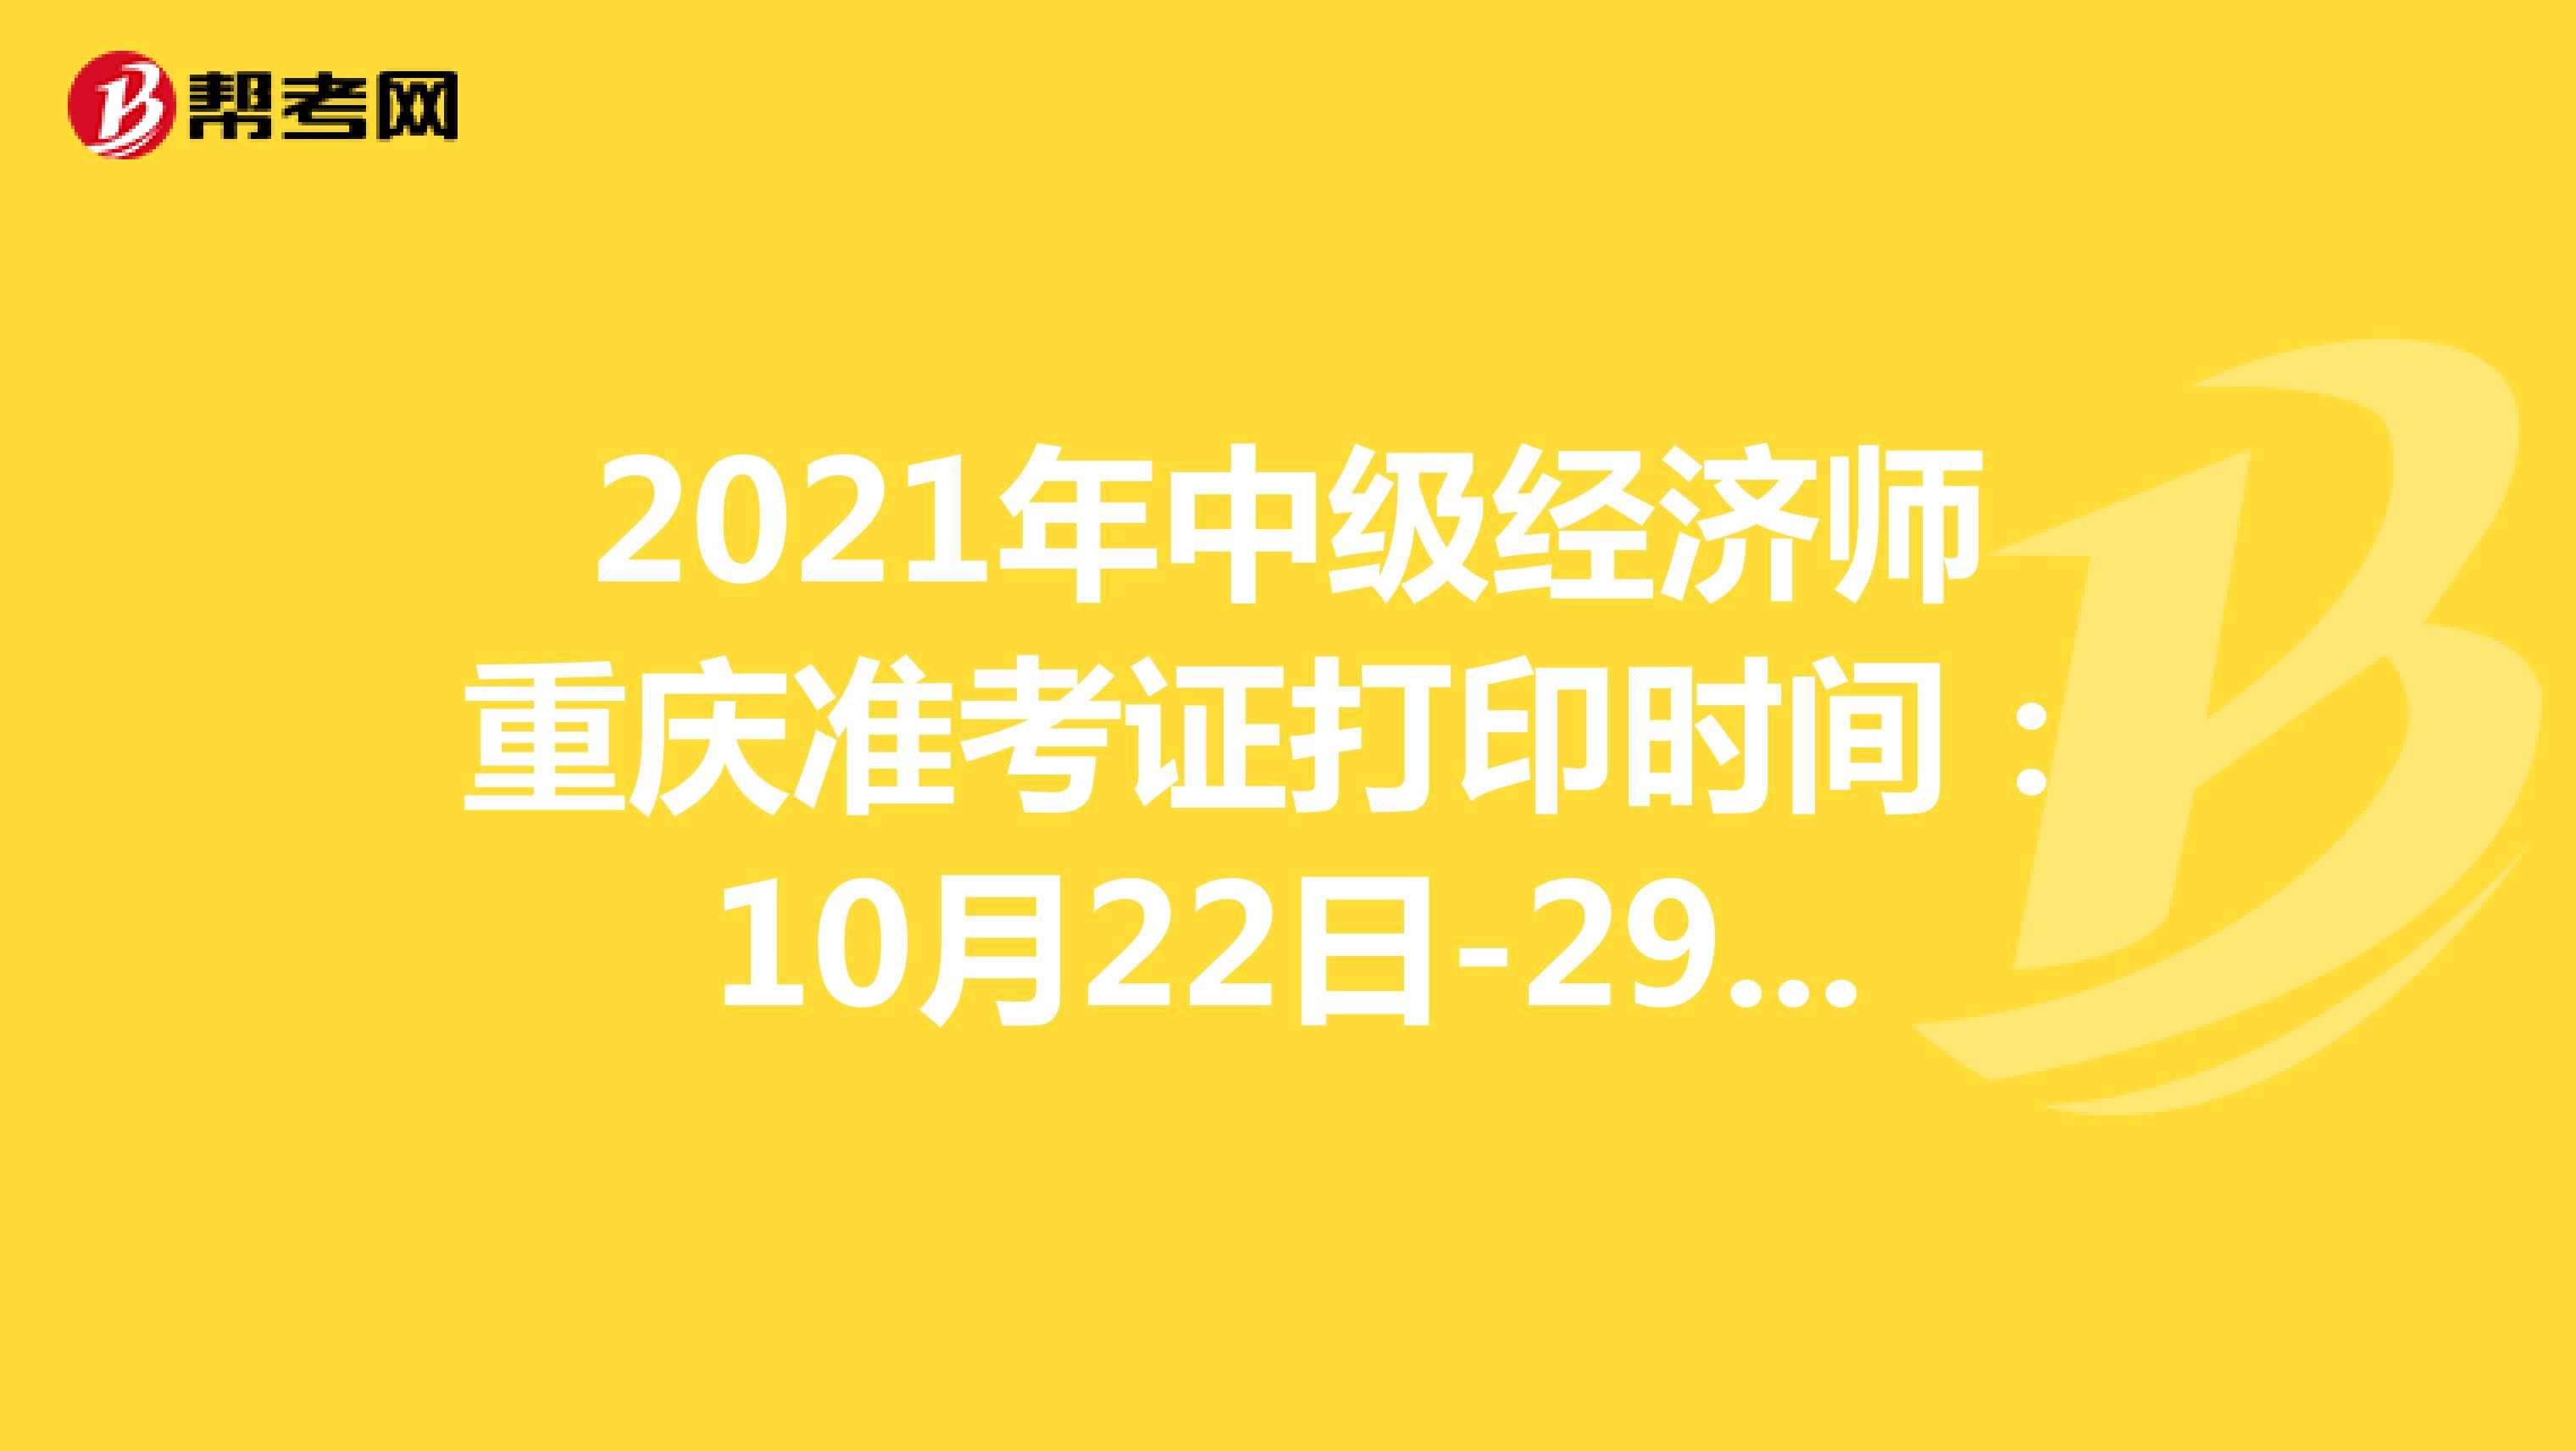 2021年中级经济师重庆准考证打印时间:10月22日-29日!